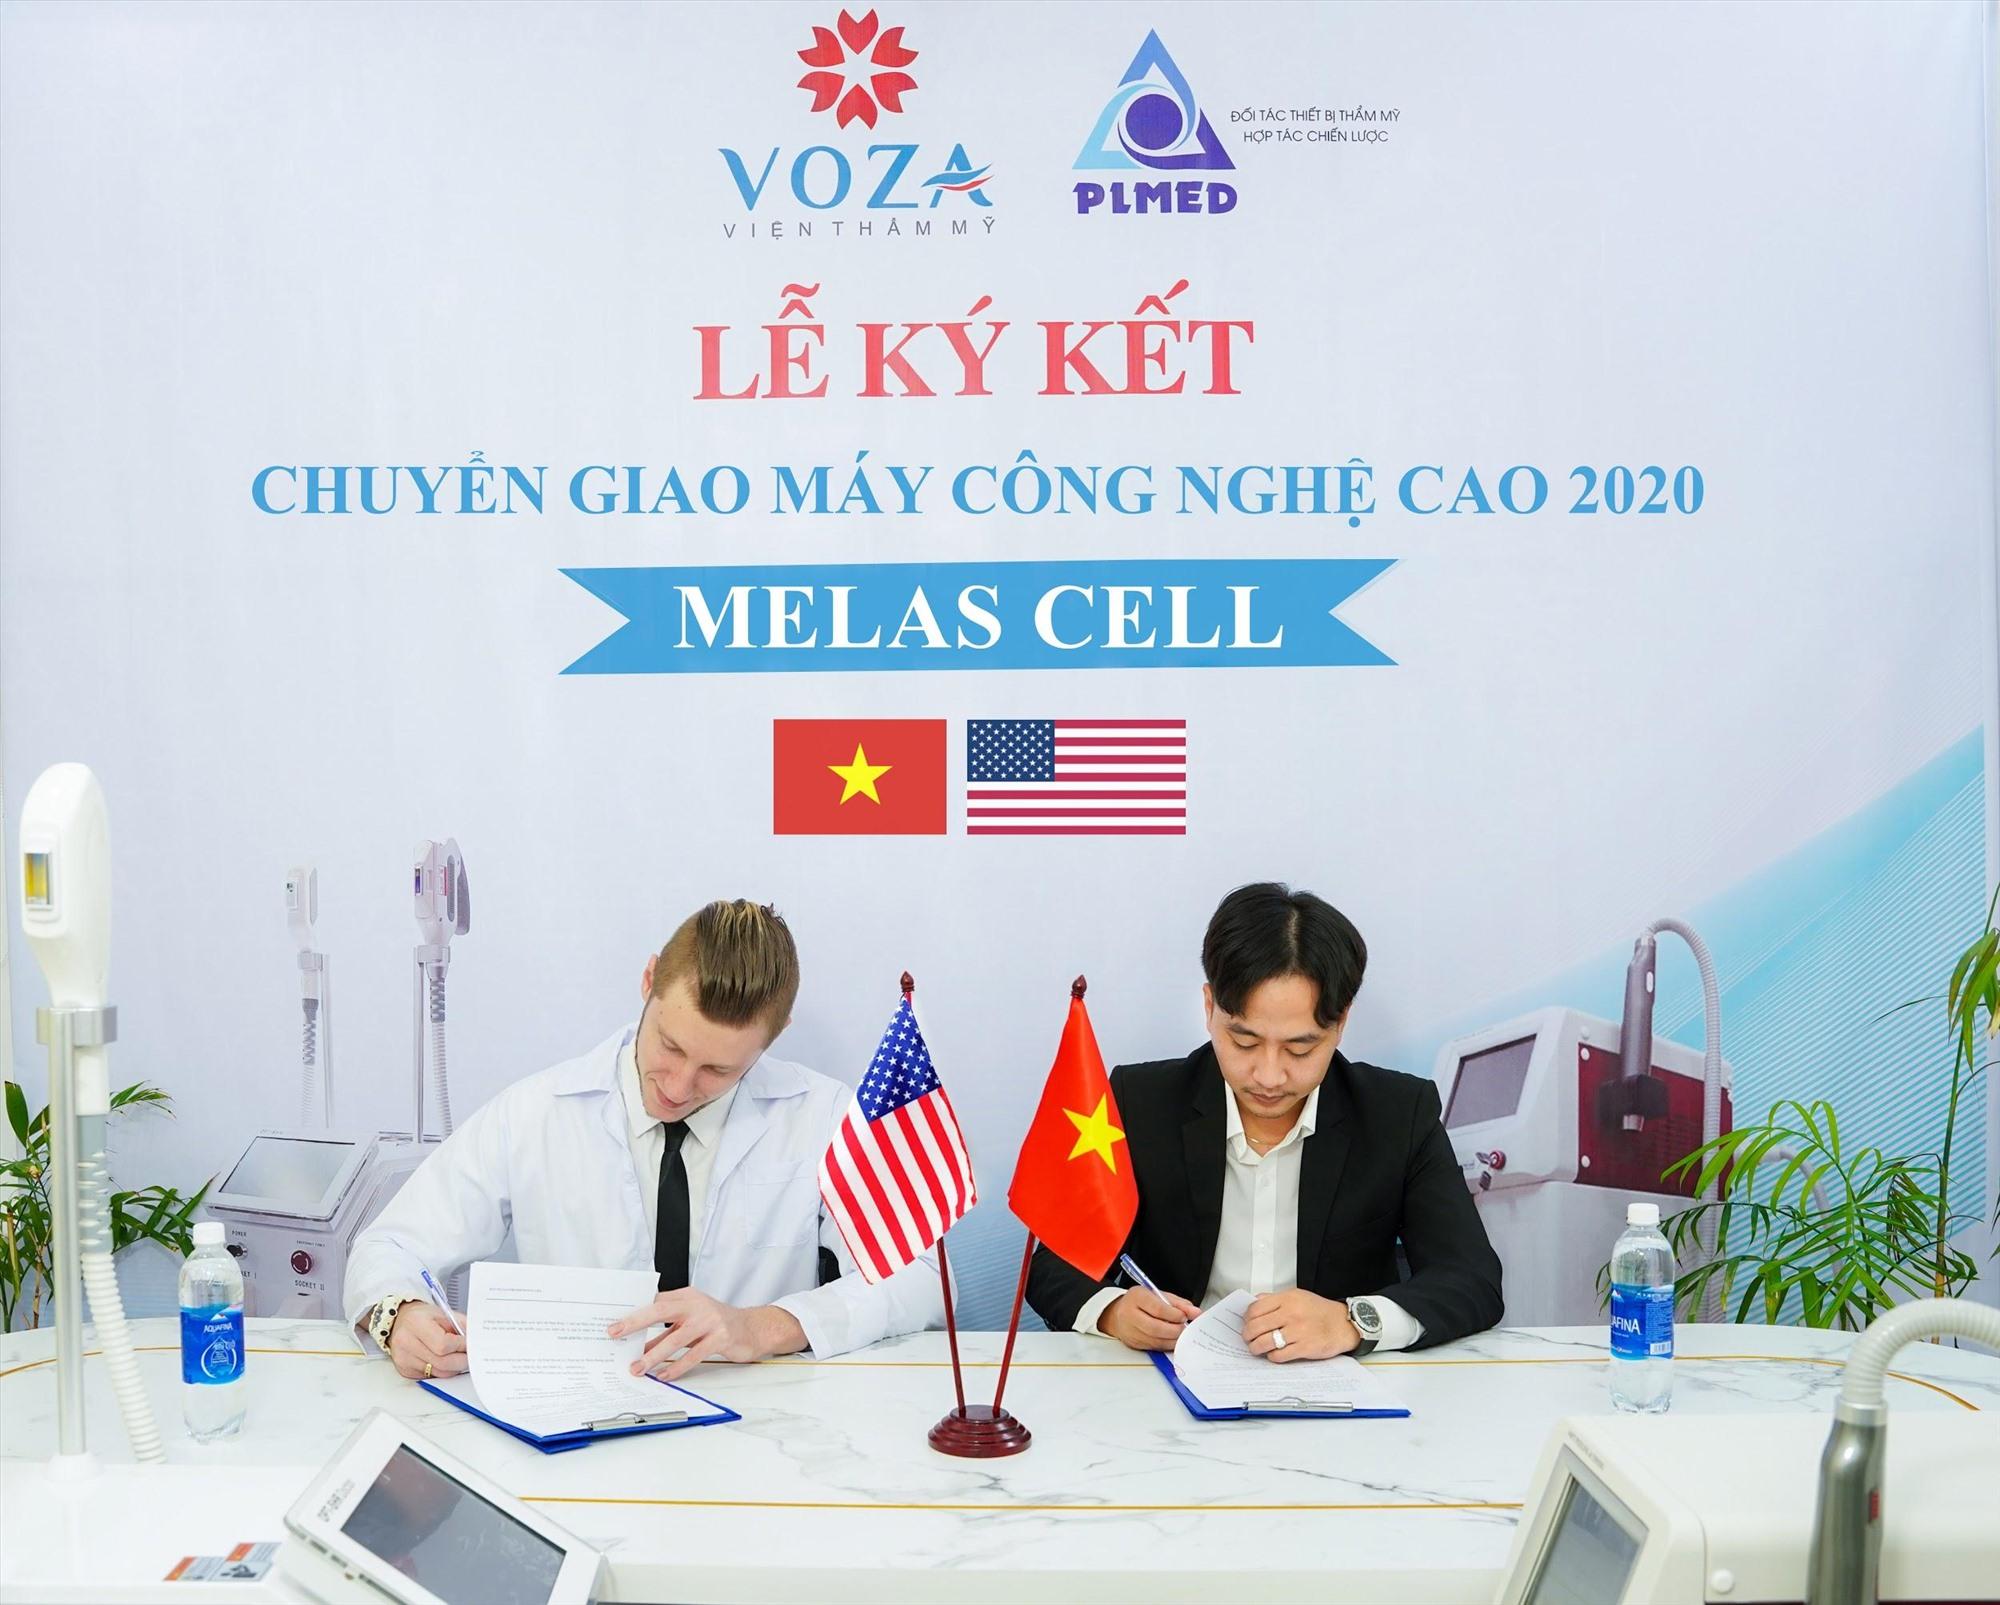 Ông Michael Tirant đại diện hãng Laser Melas Cell và ông Nguyễn Văn Nhựt trong lễ kí kết